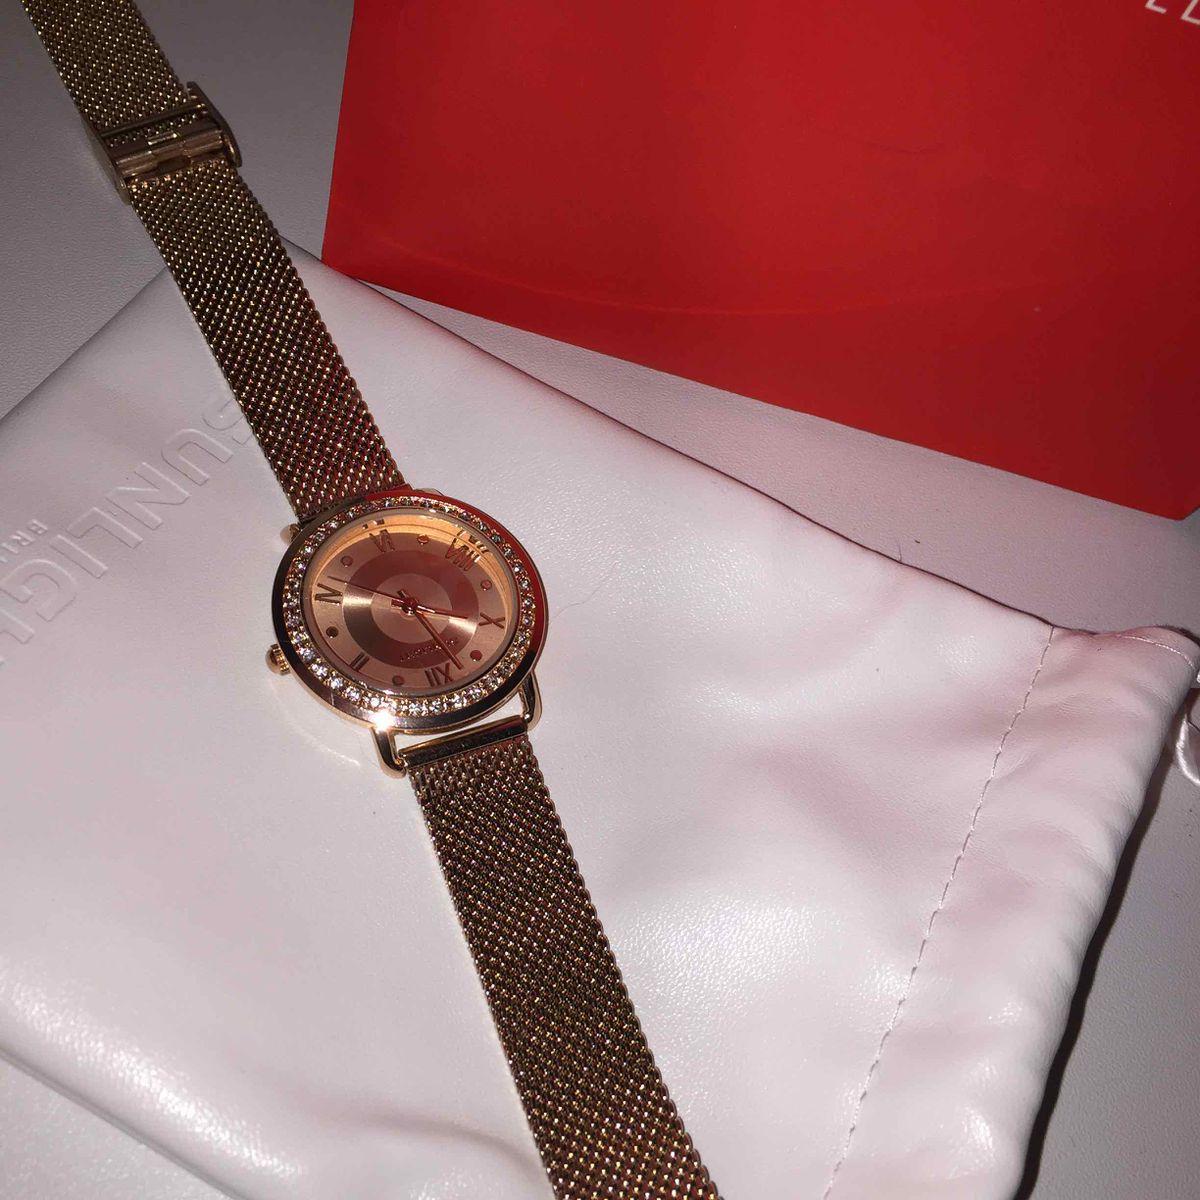 Отличные часы. Влюбилась с первого взглядаие